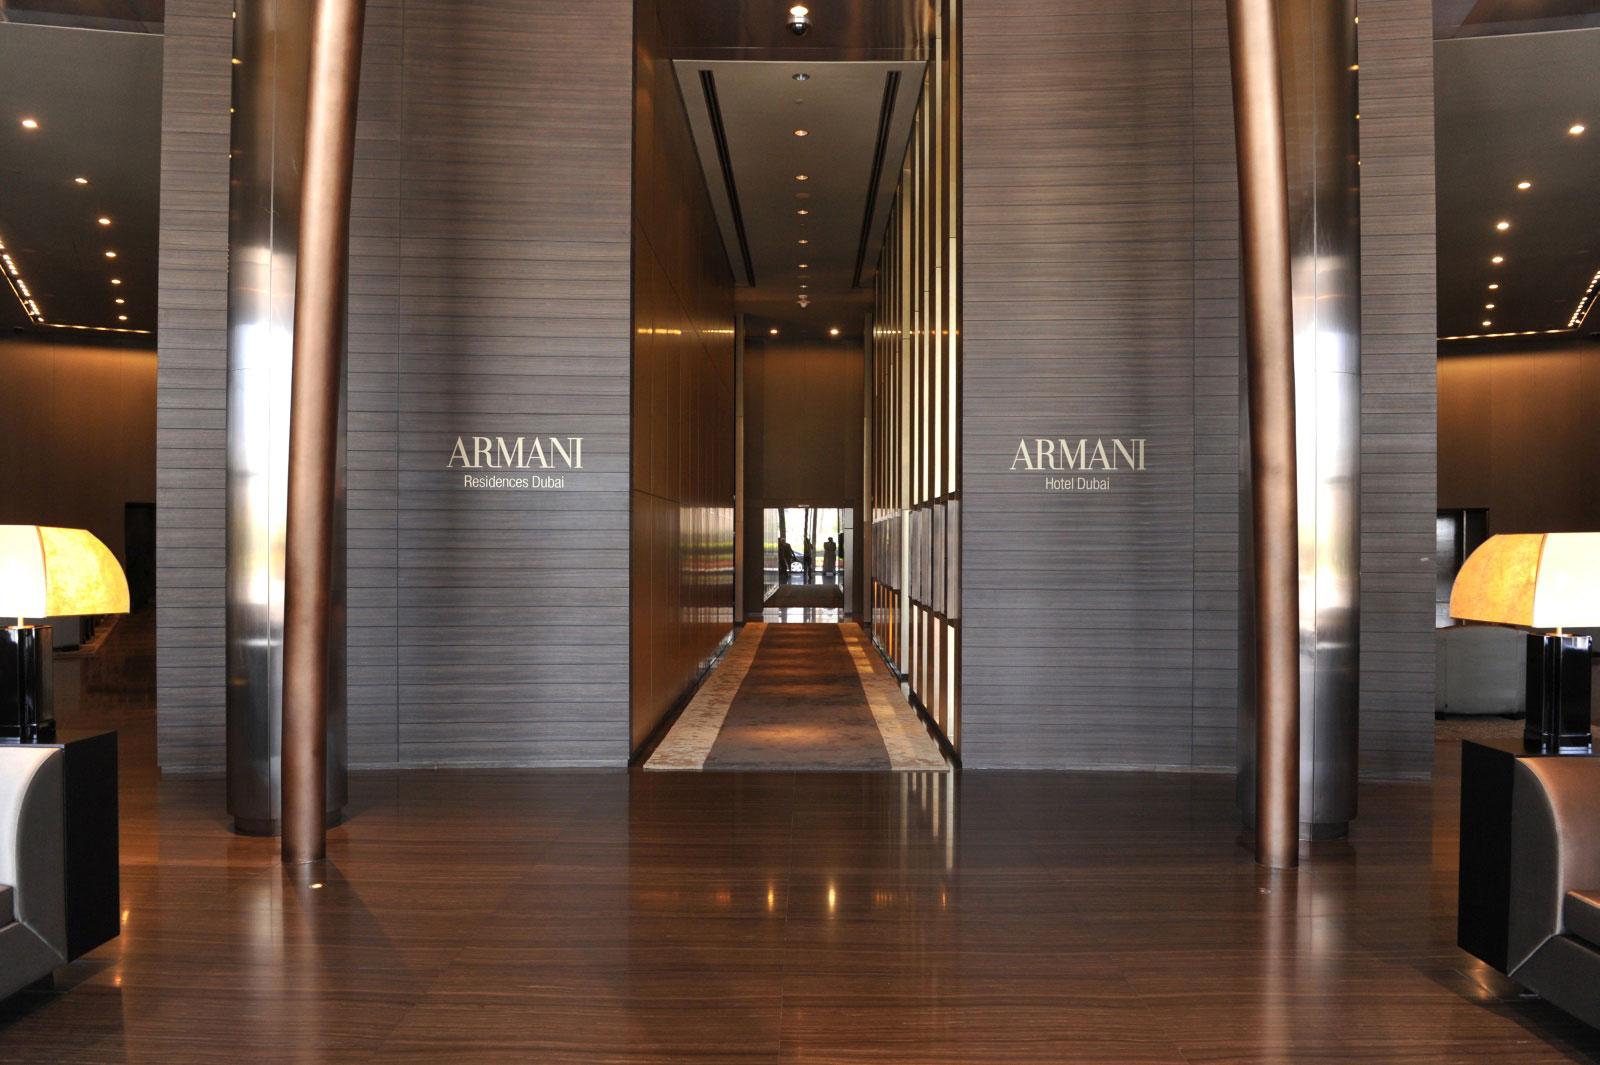 Armani-Hotel-Dubai-04-1